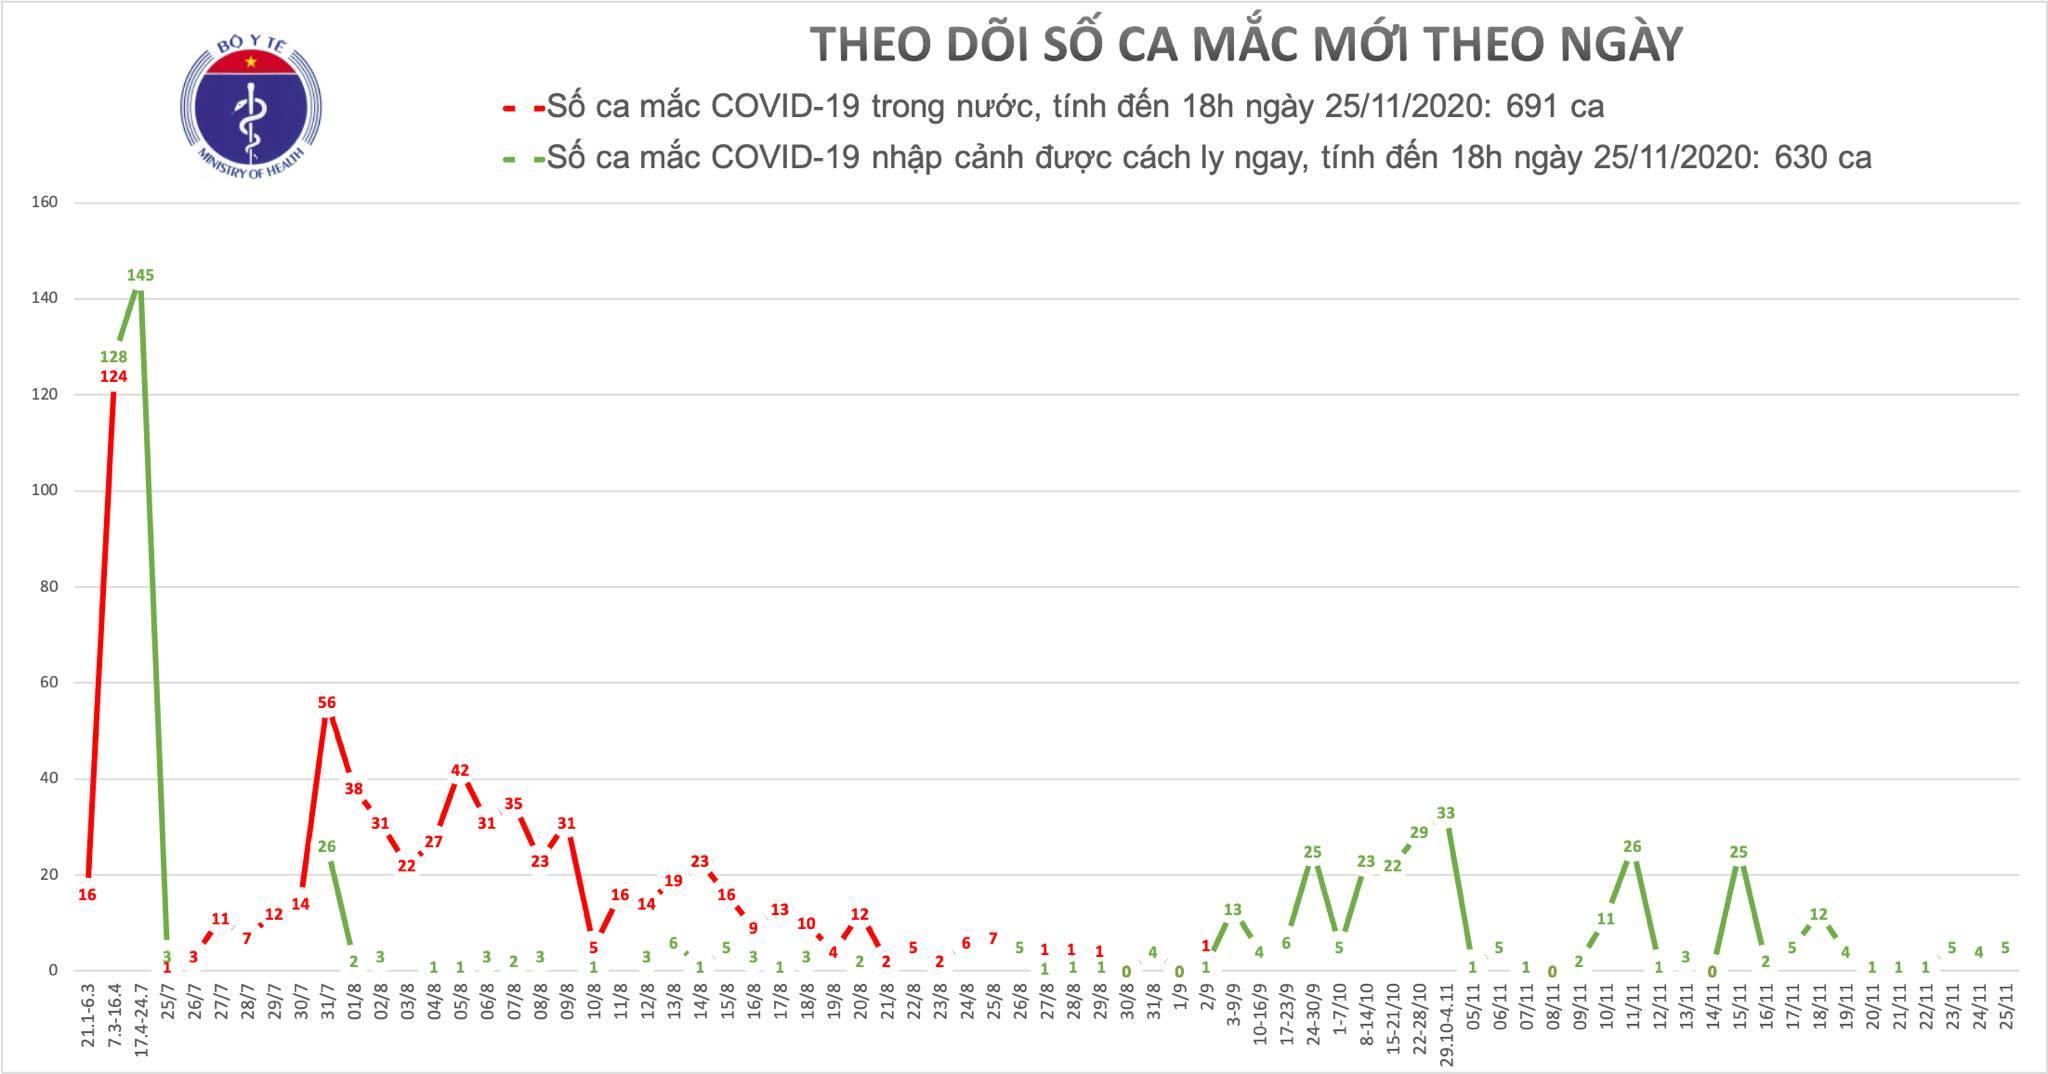 Thêm 5 ca mắc Covid-19, Việt Nam lo bùng đợt mới